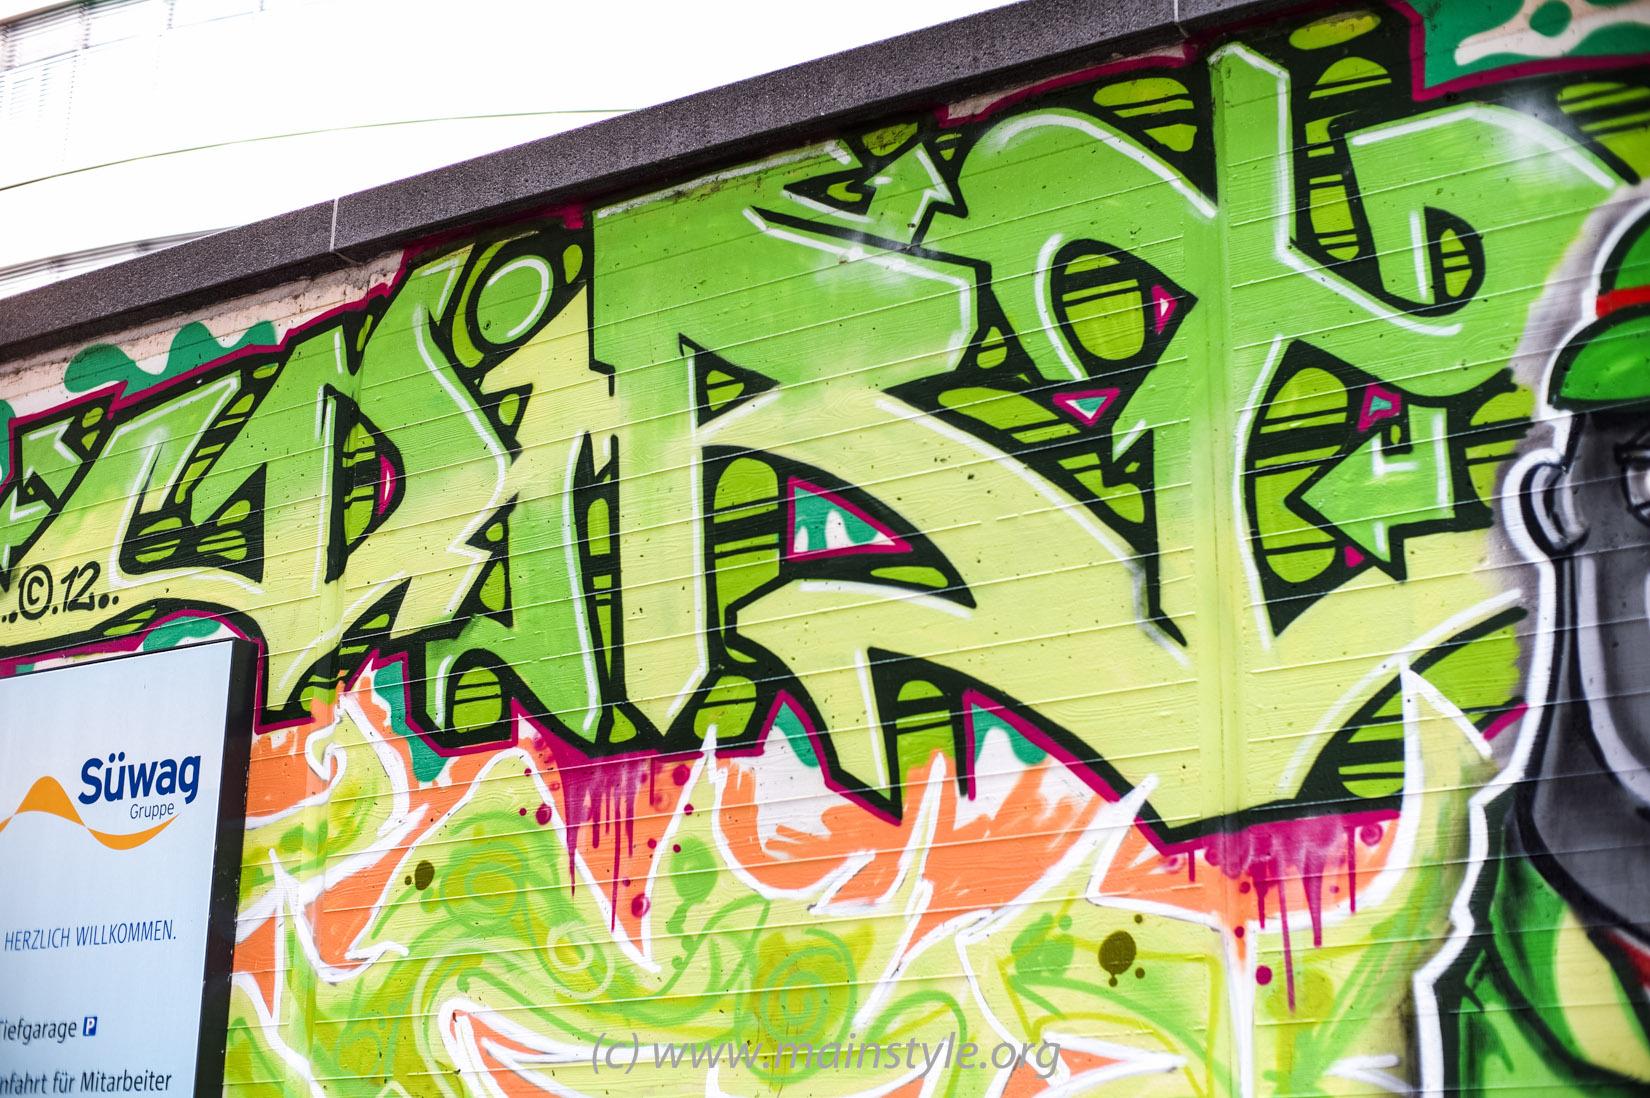 Frankfurt-Höchst_Graffiti_Süwag-Wall_2012 (17 von 35)